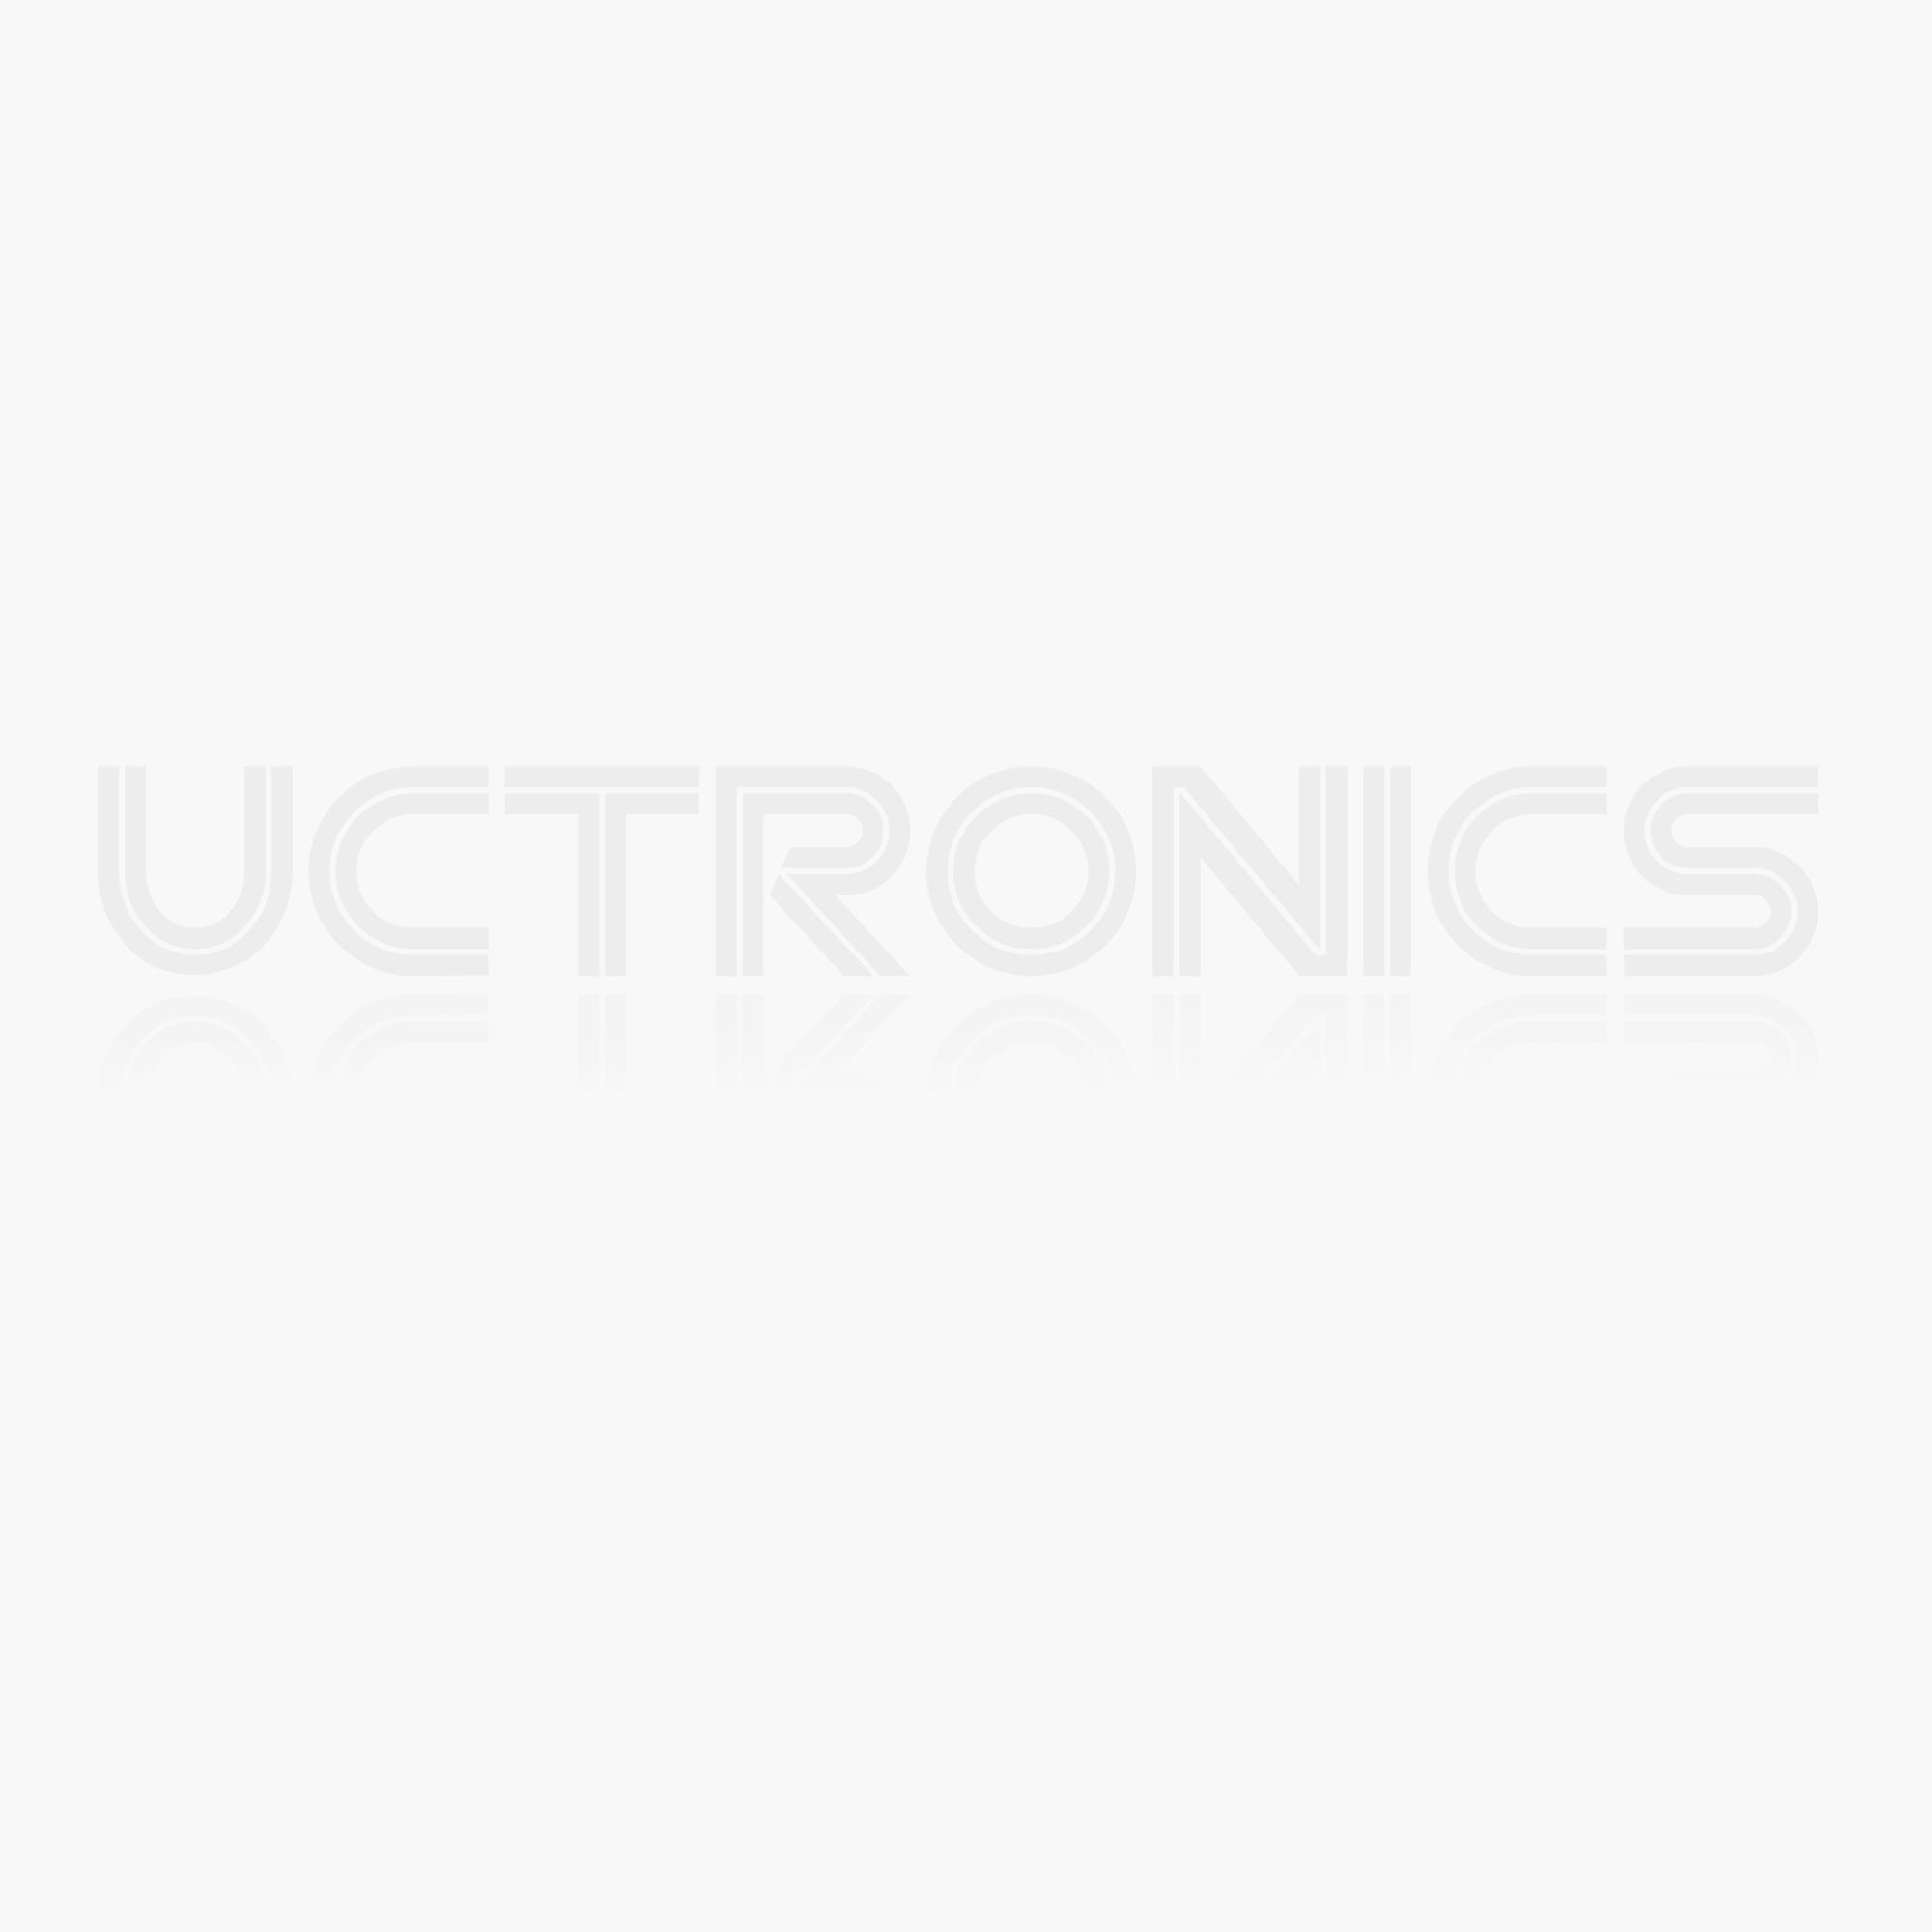 16 values TO-92 Transistor assortment kit 160PCS #02